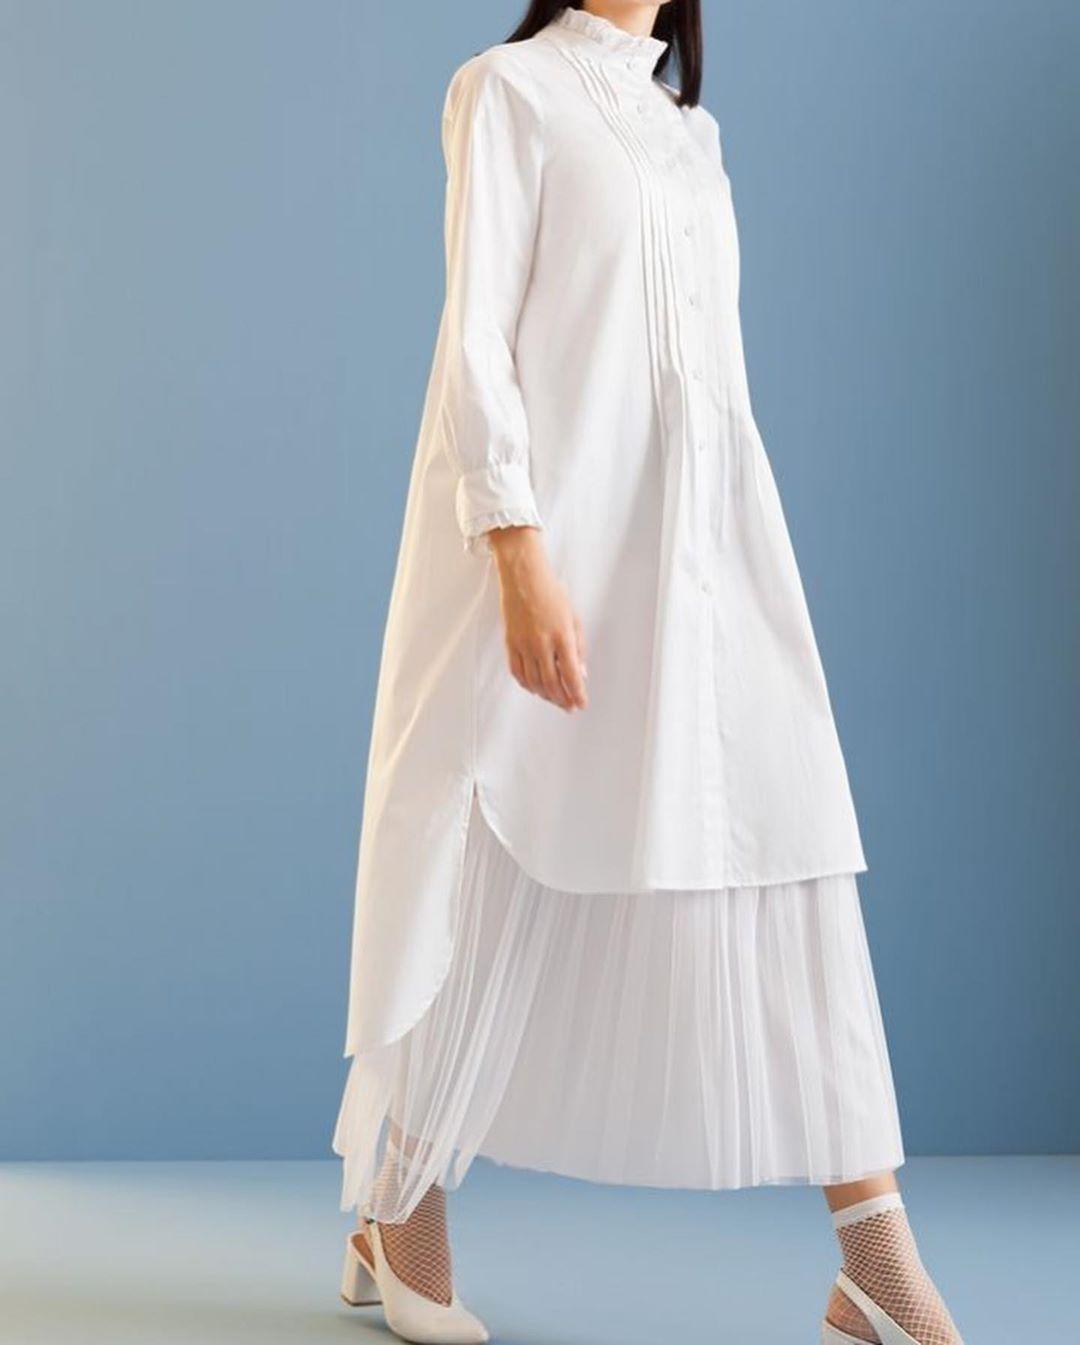 مدل مانتو تابستانی دخترانه ساده با پارچه نخی و خنک